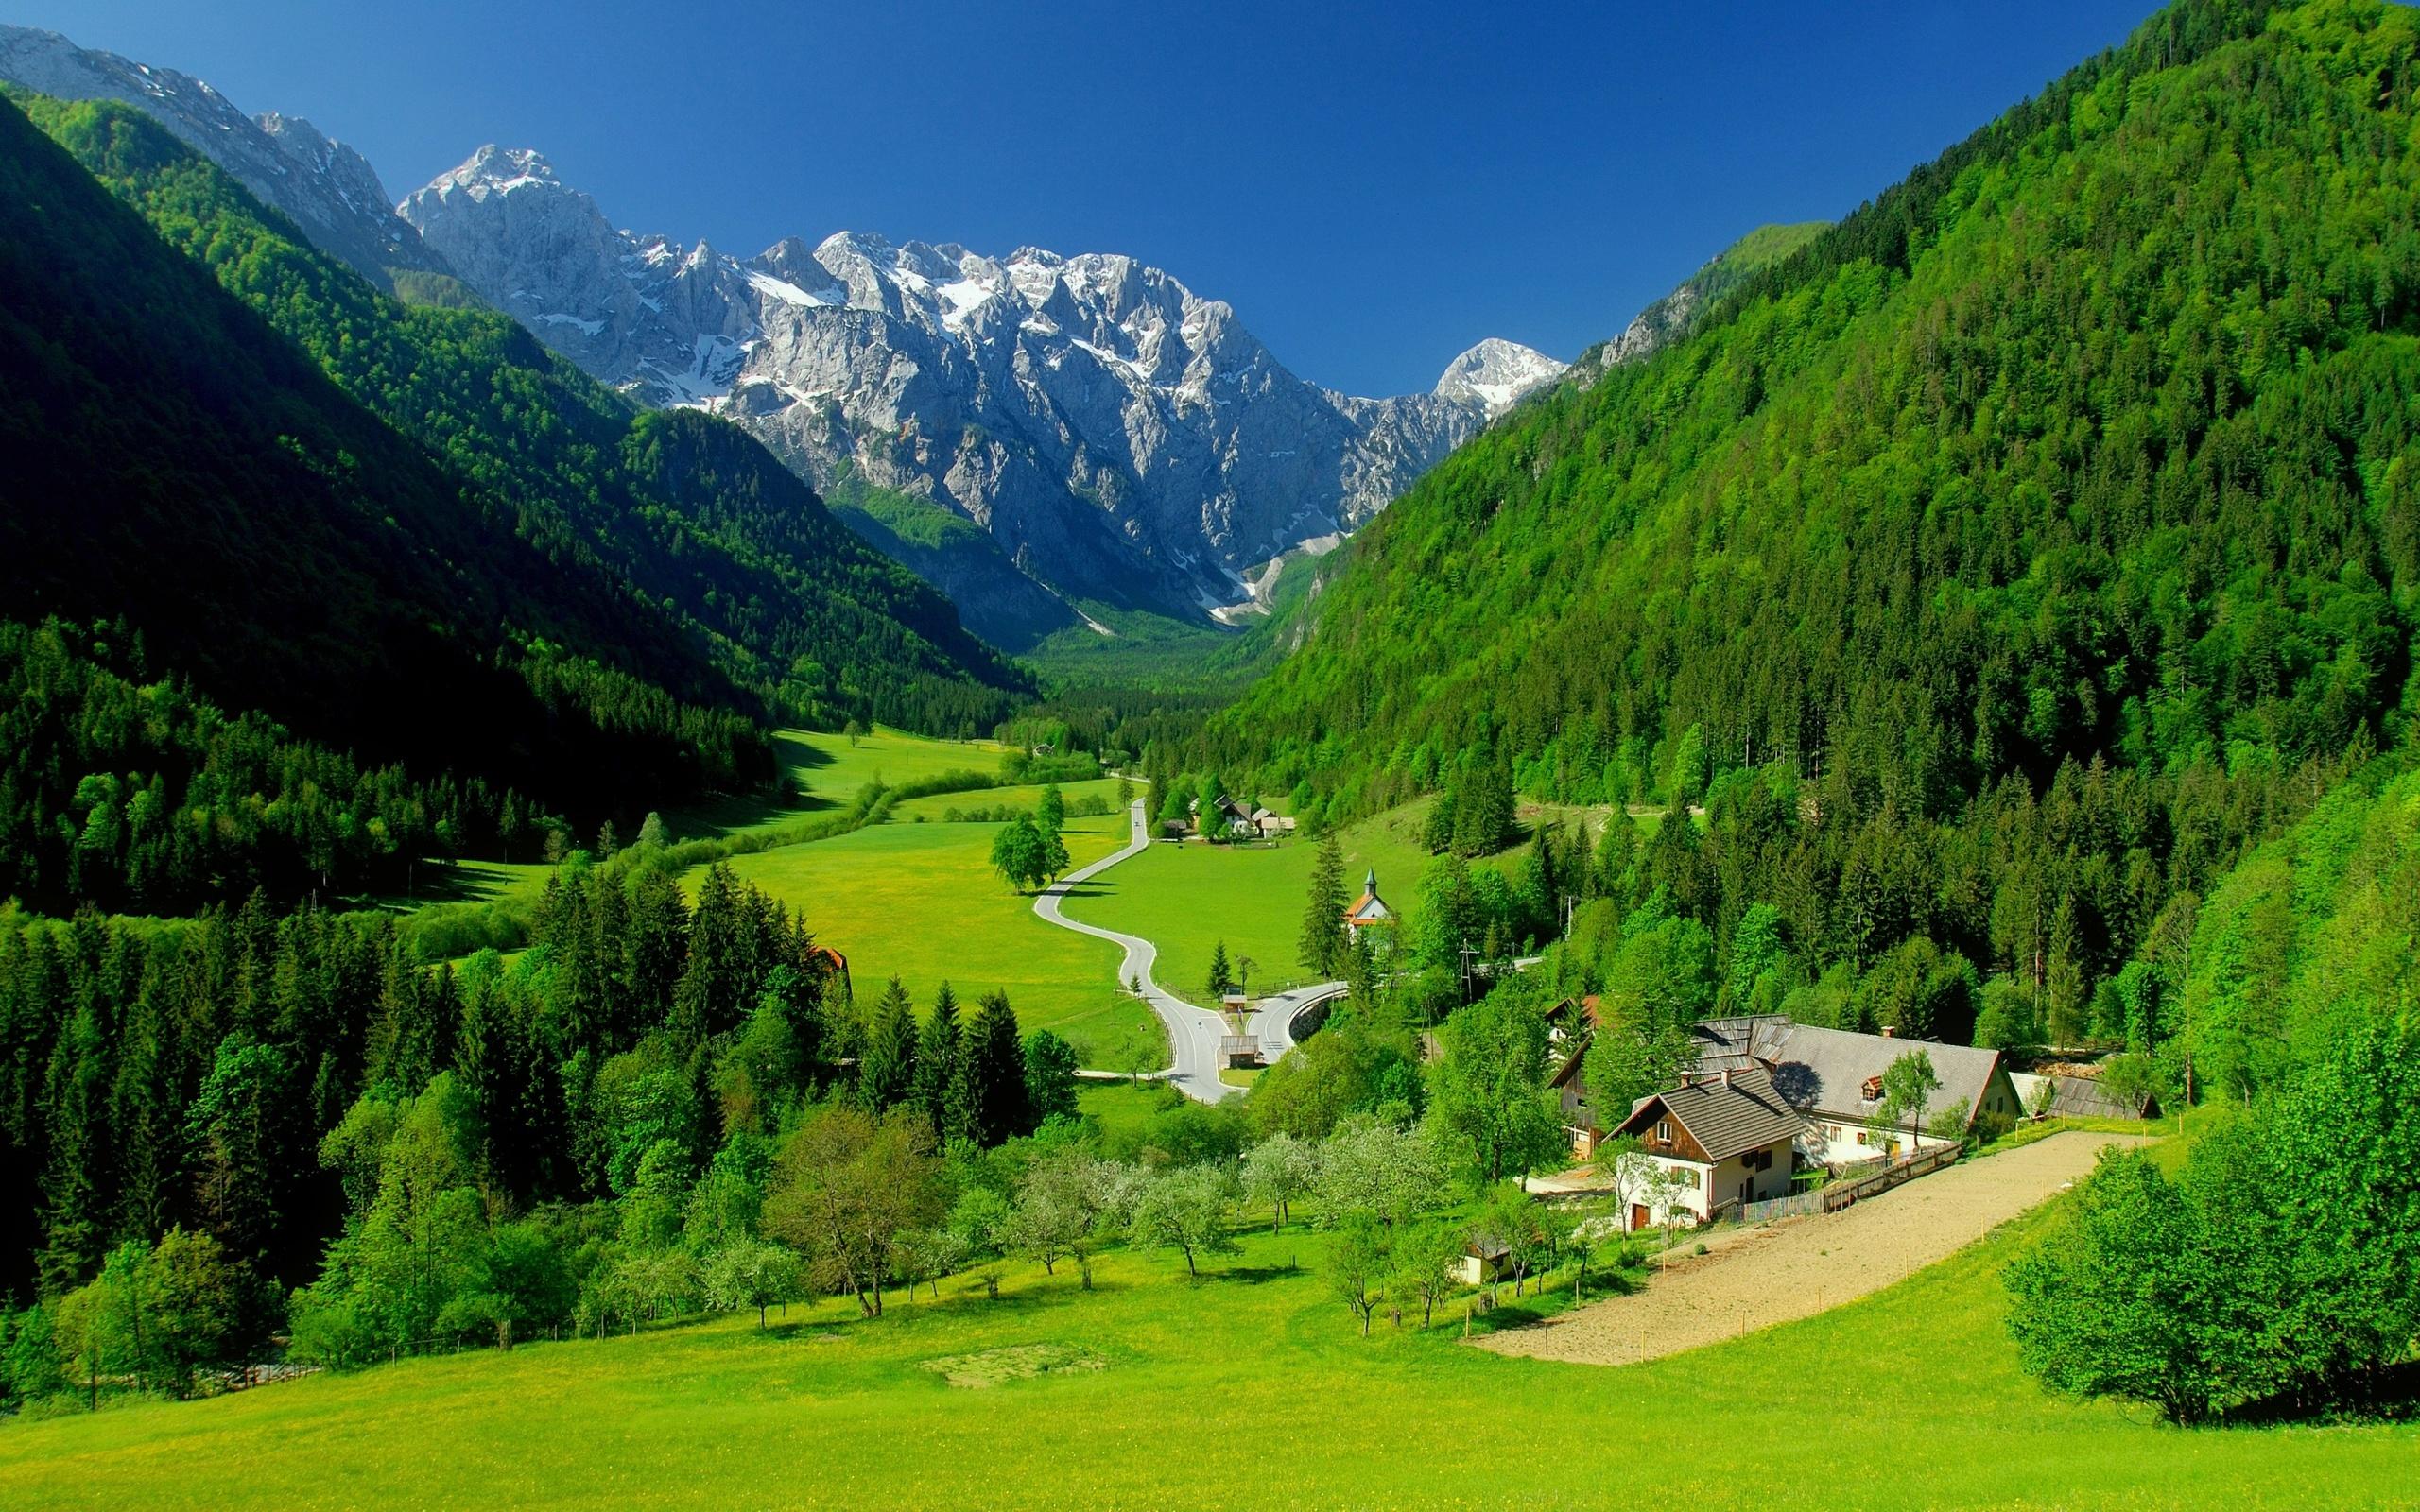 картинки альпы в хорошем качестве изображений представляет собой